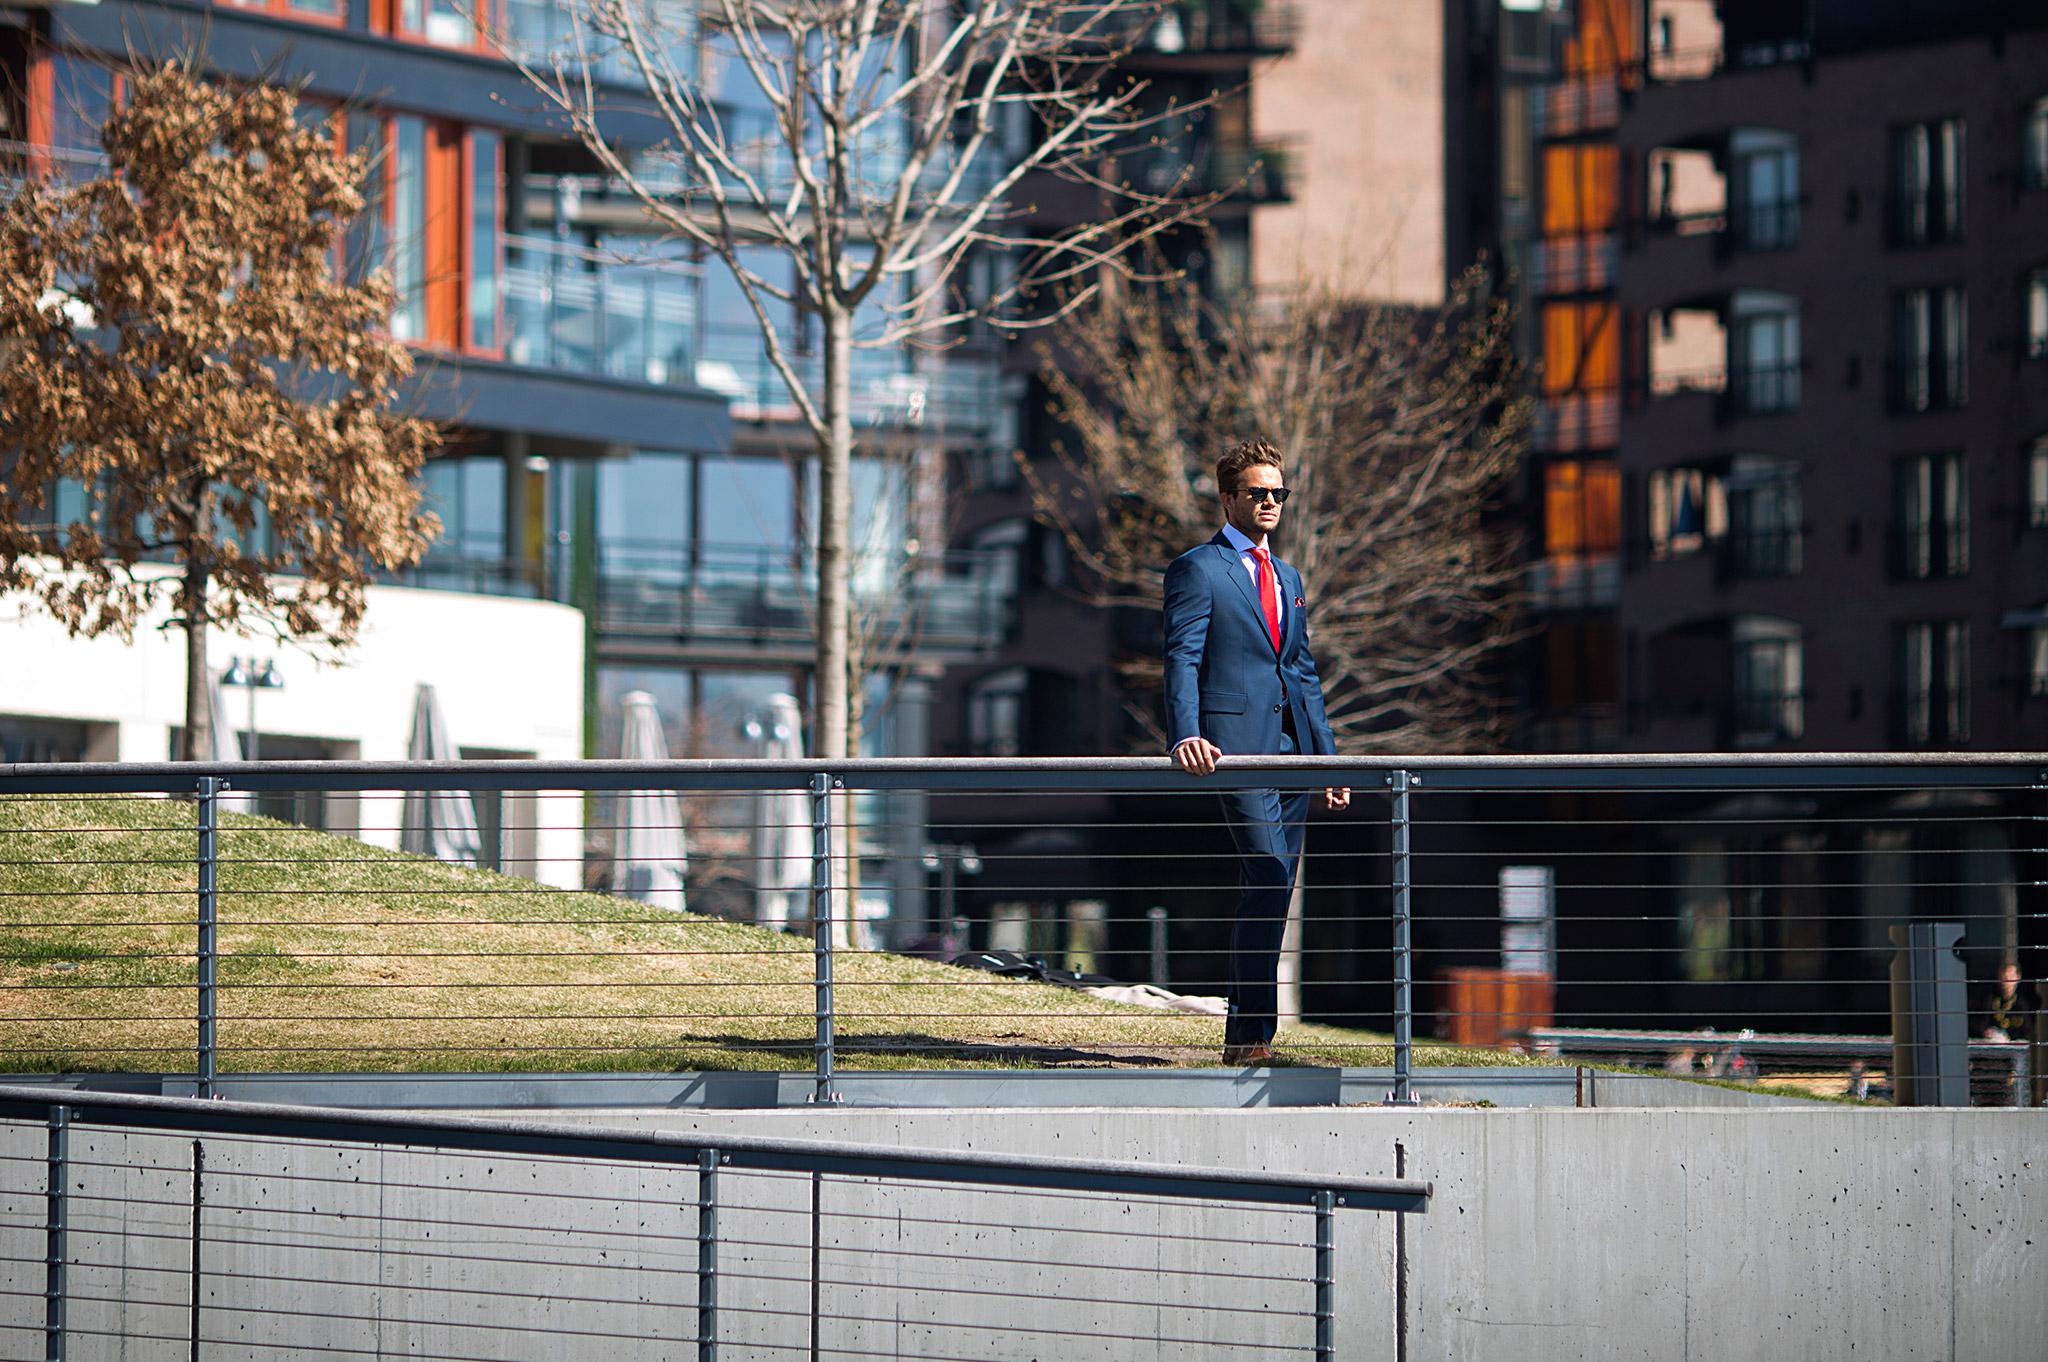 Mørkeblå dress hos Menswear Lysaker, Tjuvholmen og Hegdehaugsveien.